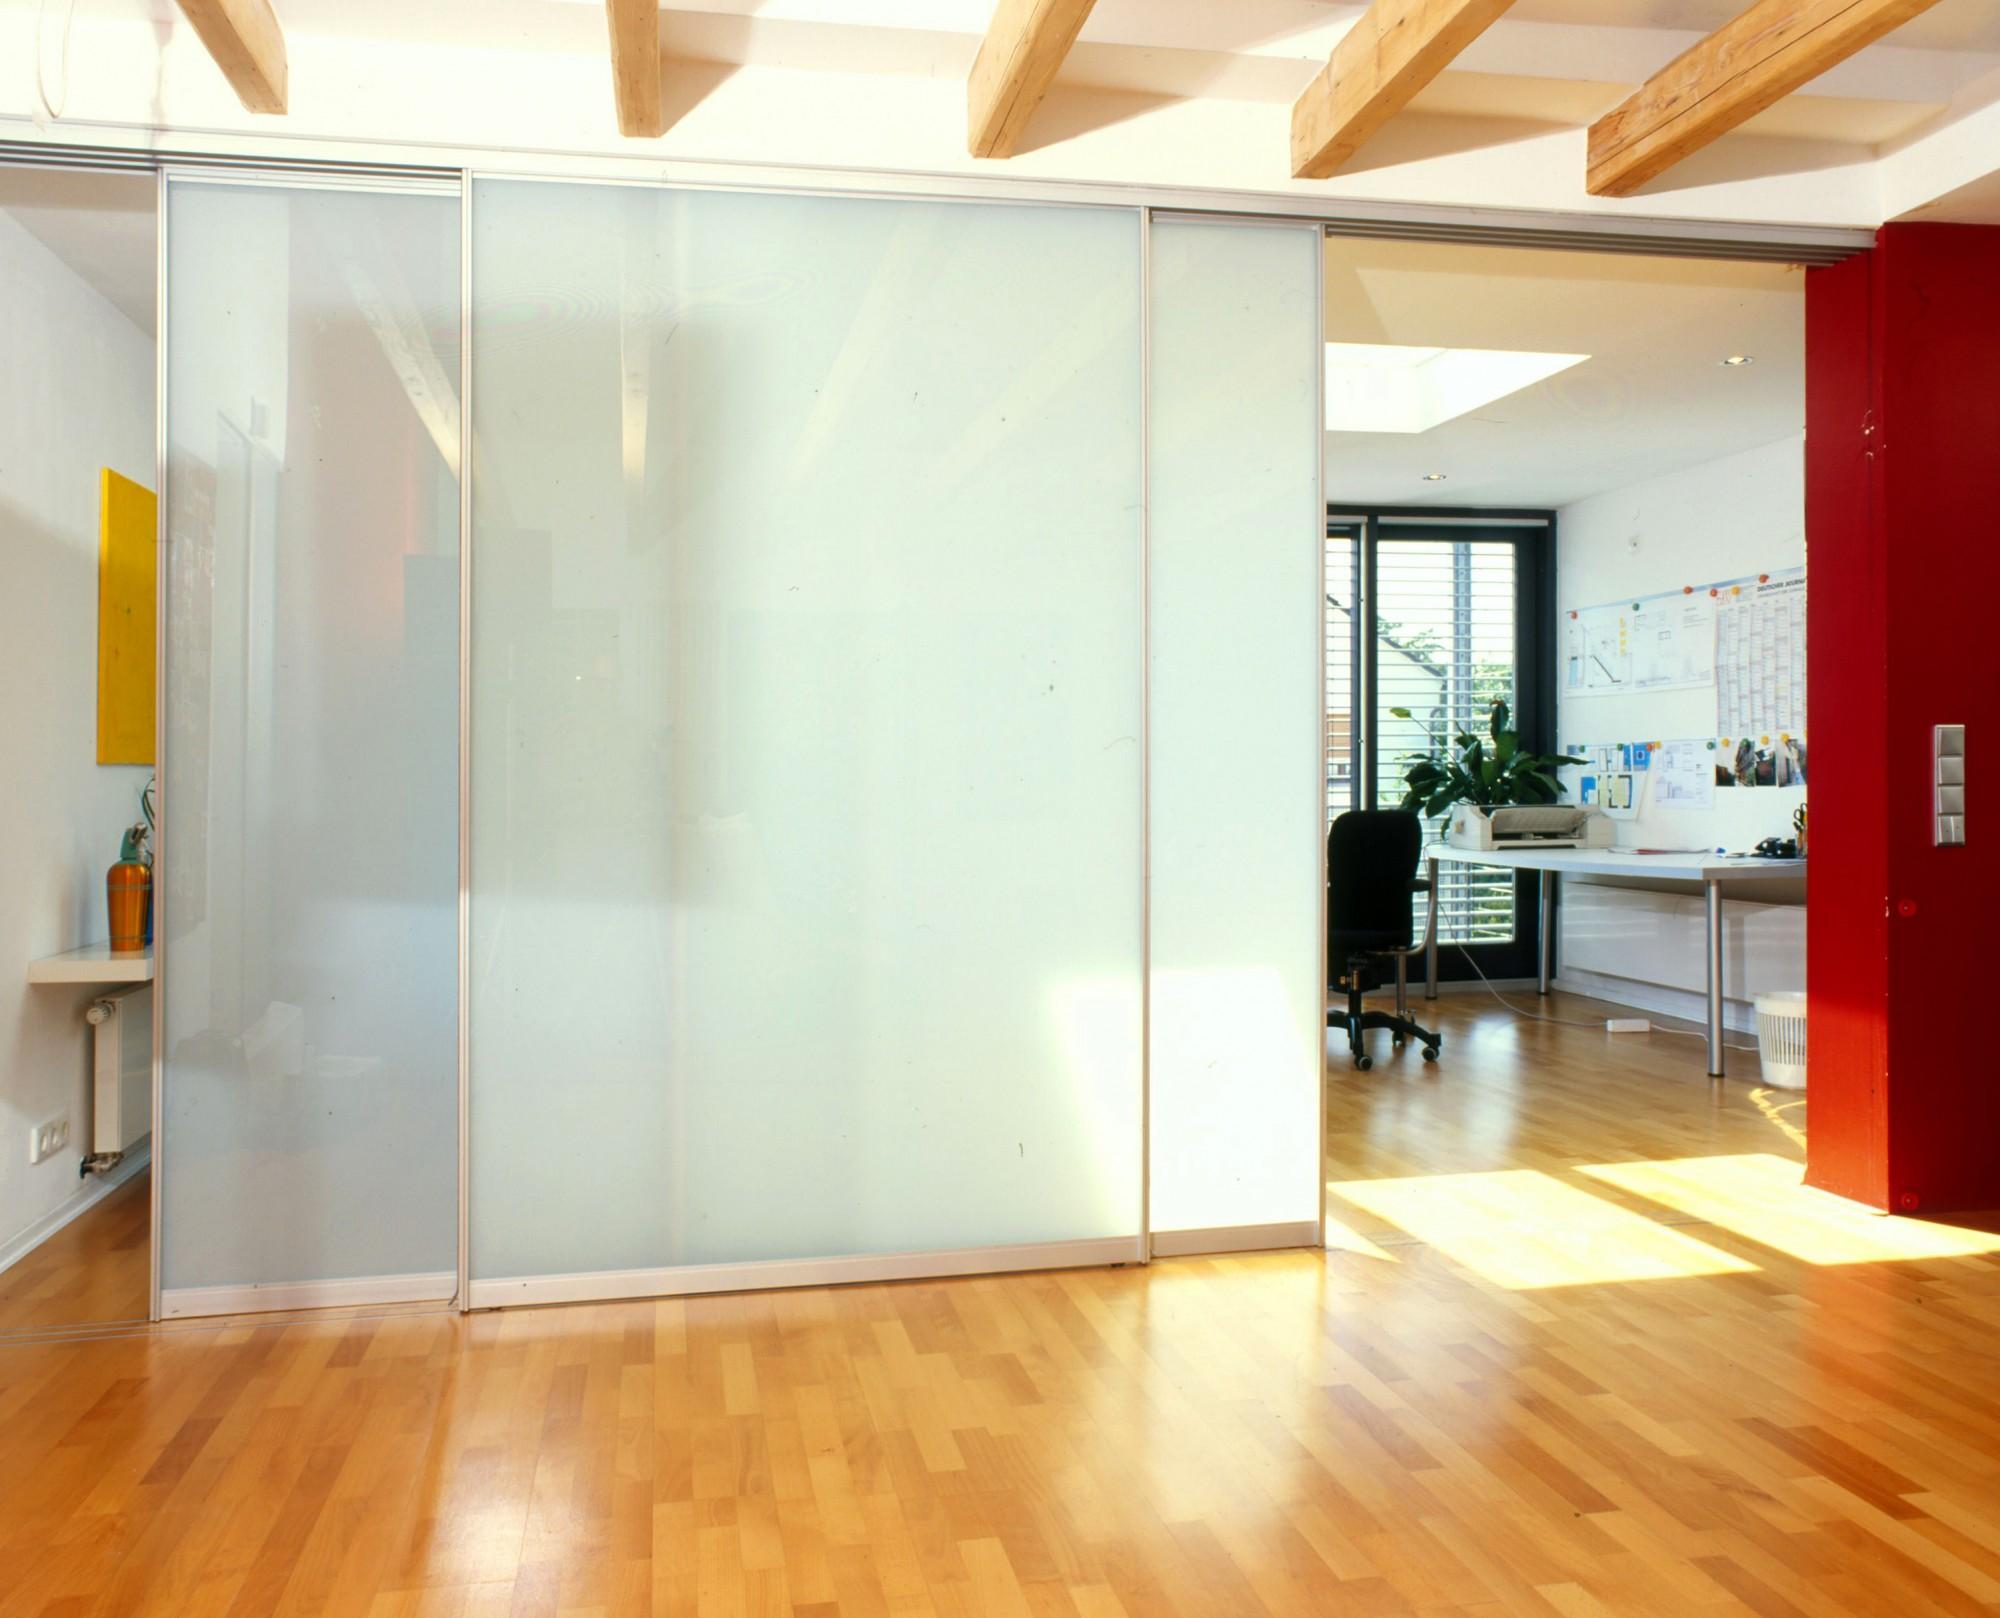 wanduhren aus glas wohnzimmer inspiration ber haus design. Black Bedroom Furniture Sets. Home Design Ideas